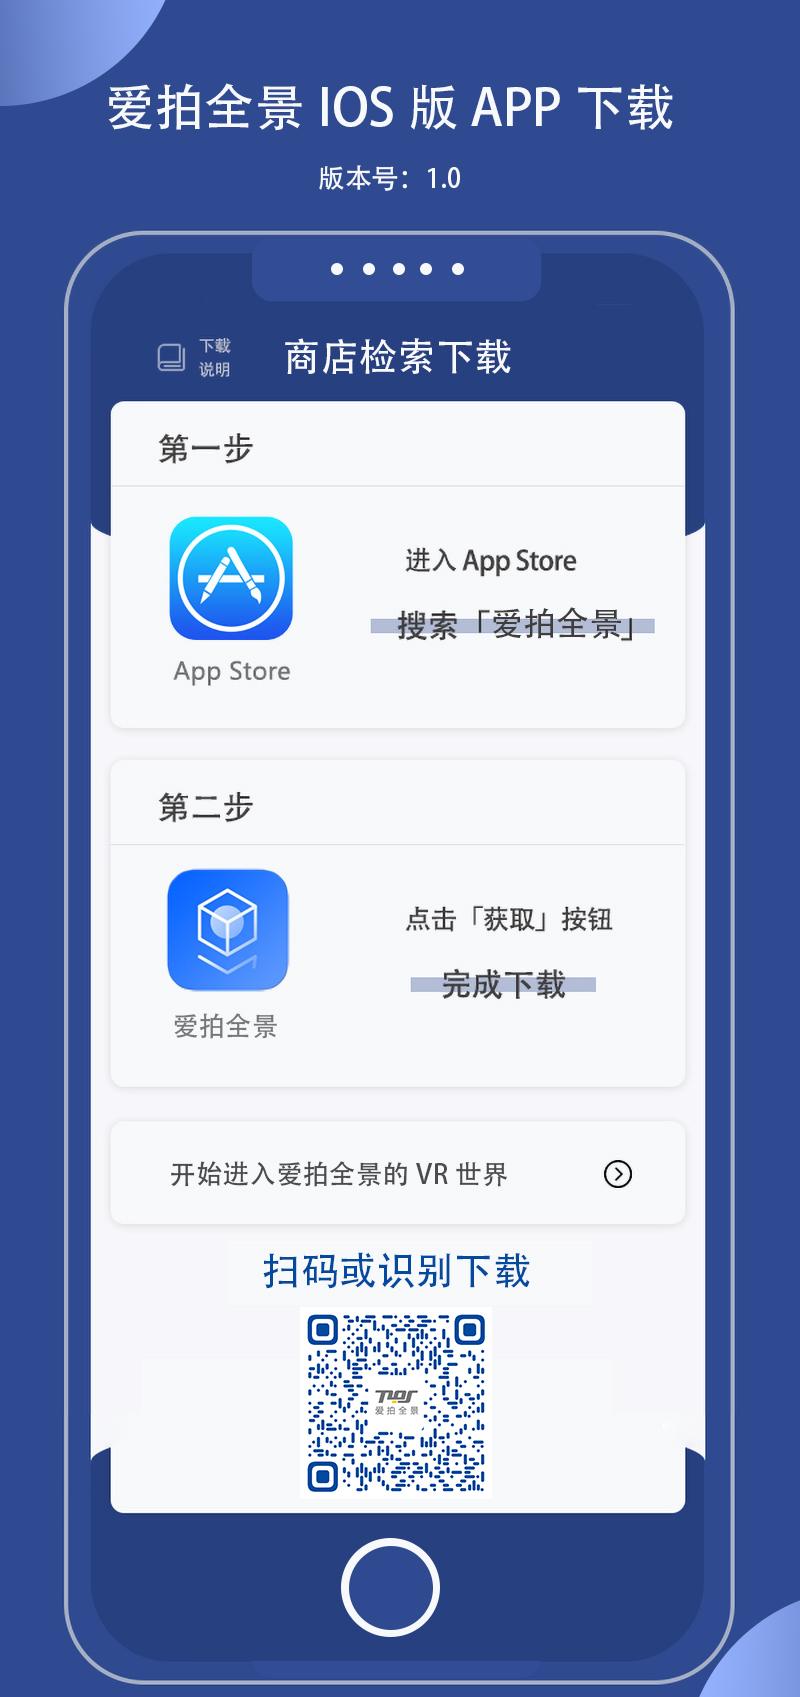 app下载封面.jpg